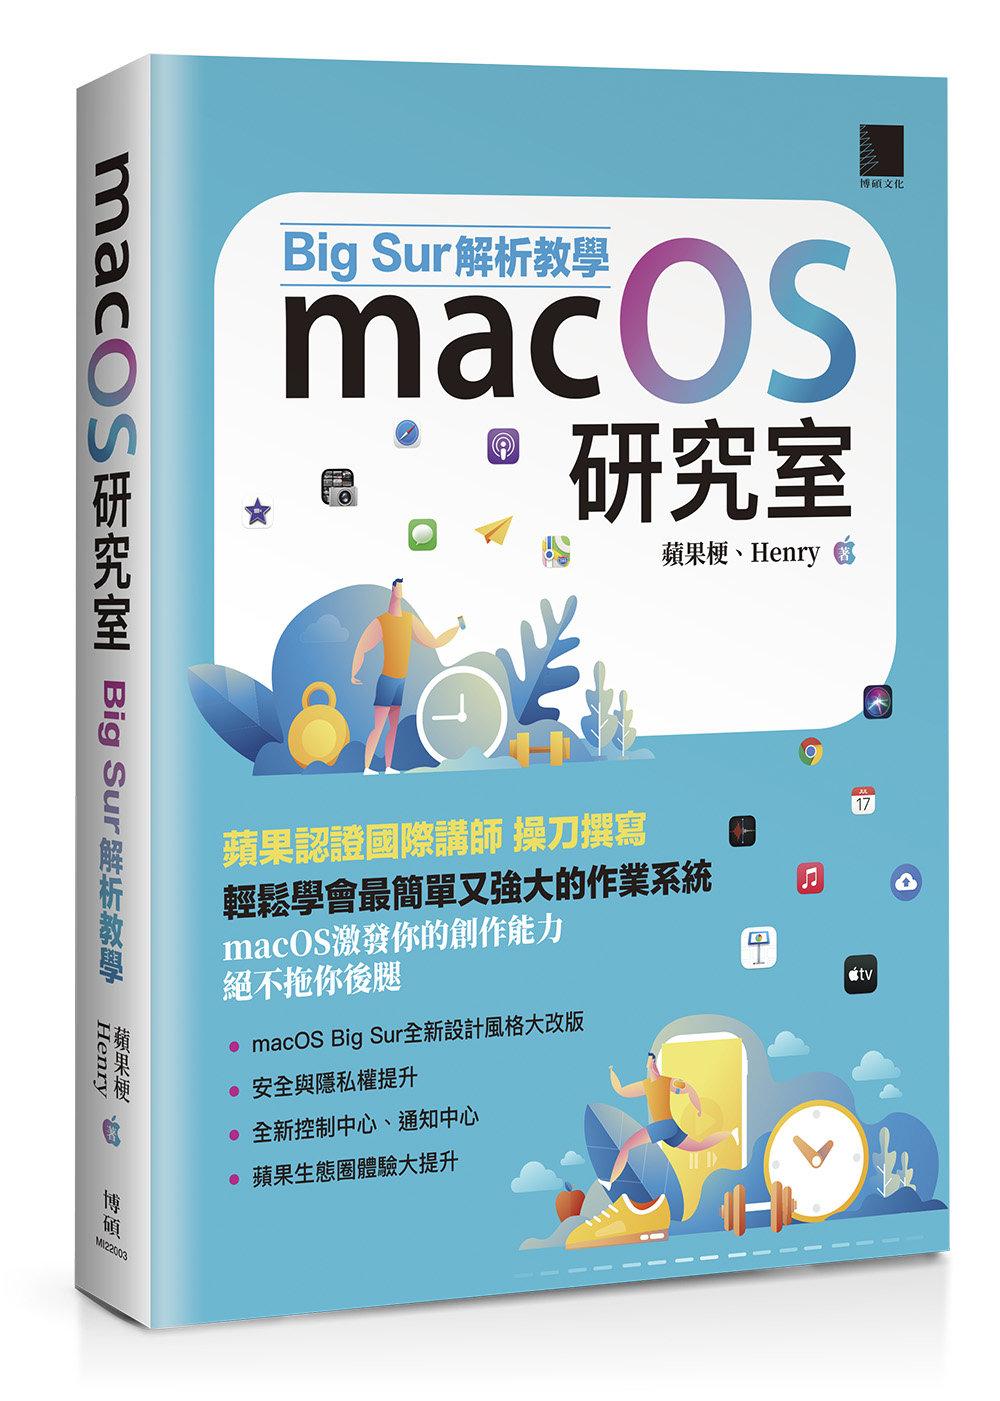 macOS 研究室:Big Sur 解析教學-preview-1